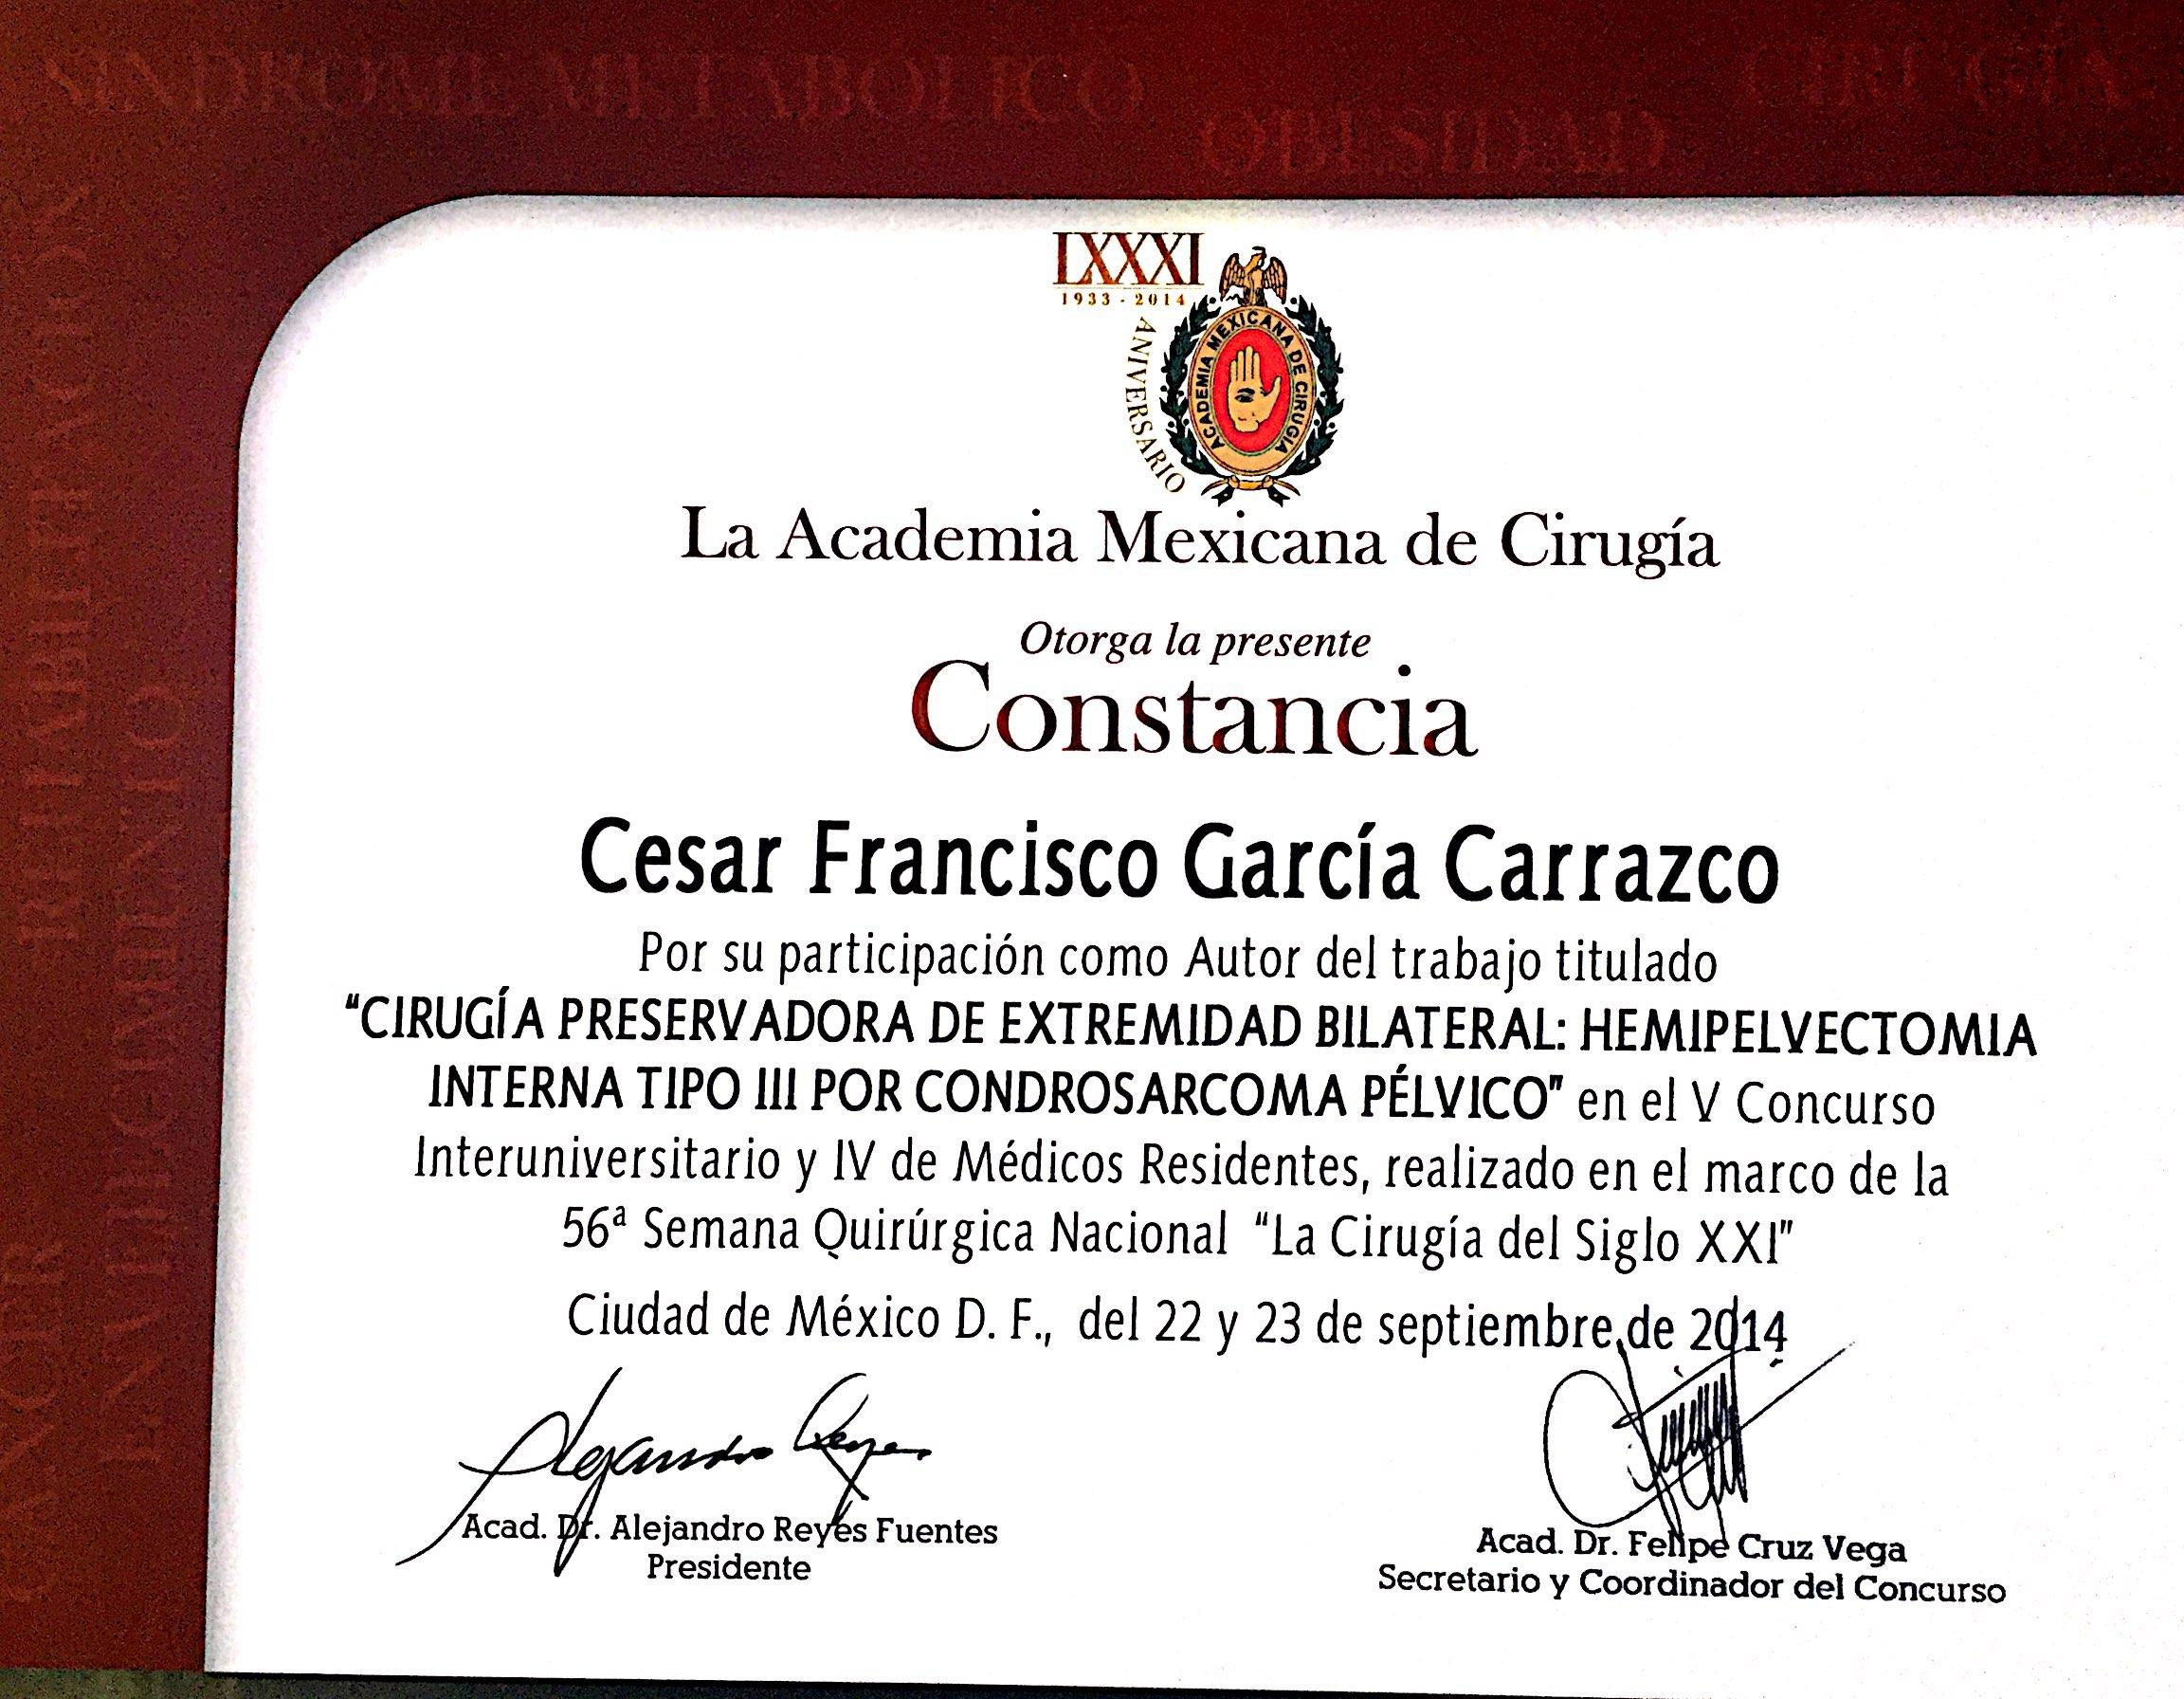 Dr. Garcia Carrazco_72